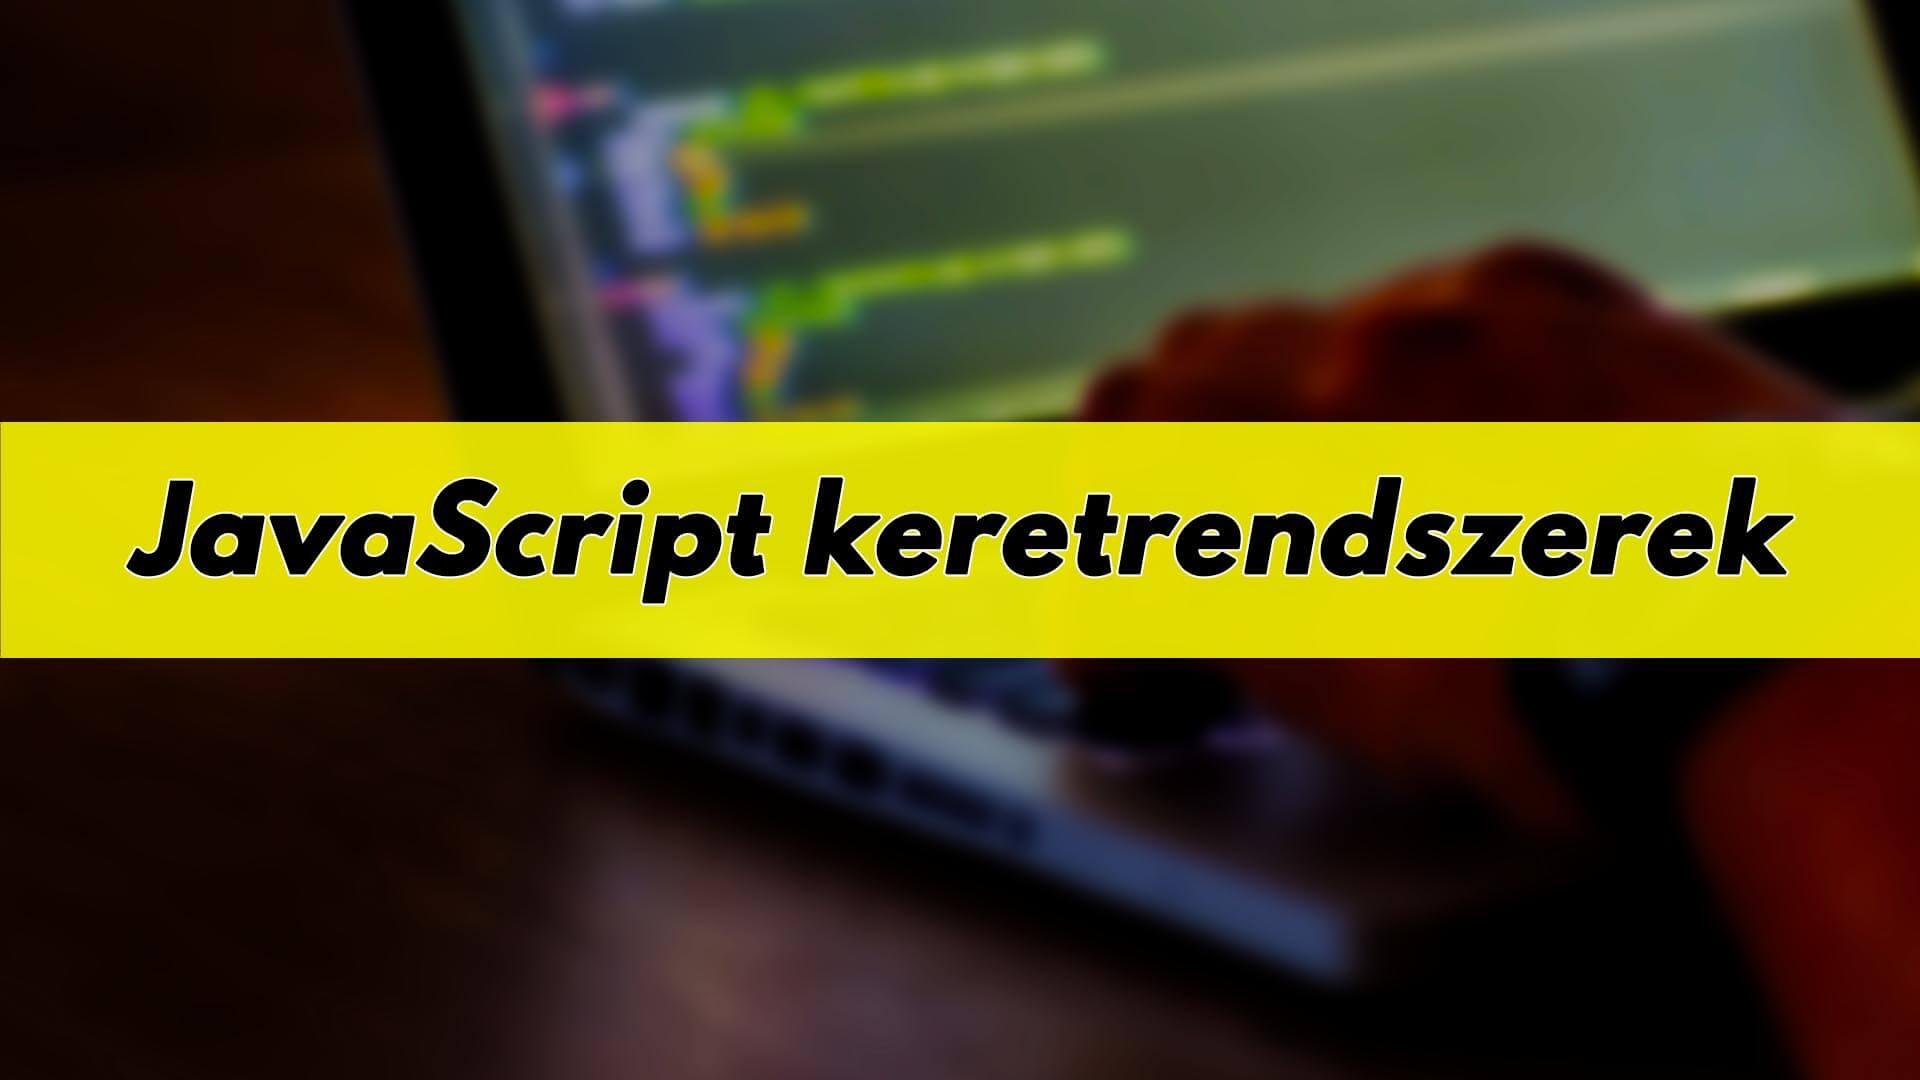 A legjobb JavaScript keretrendszerek (17 JS framework) című cikk borítóképe